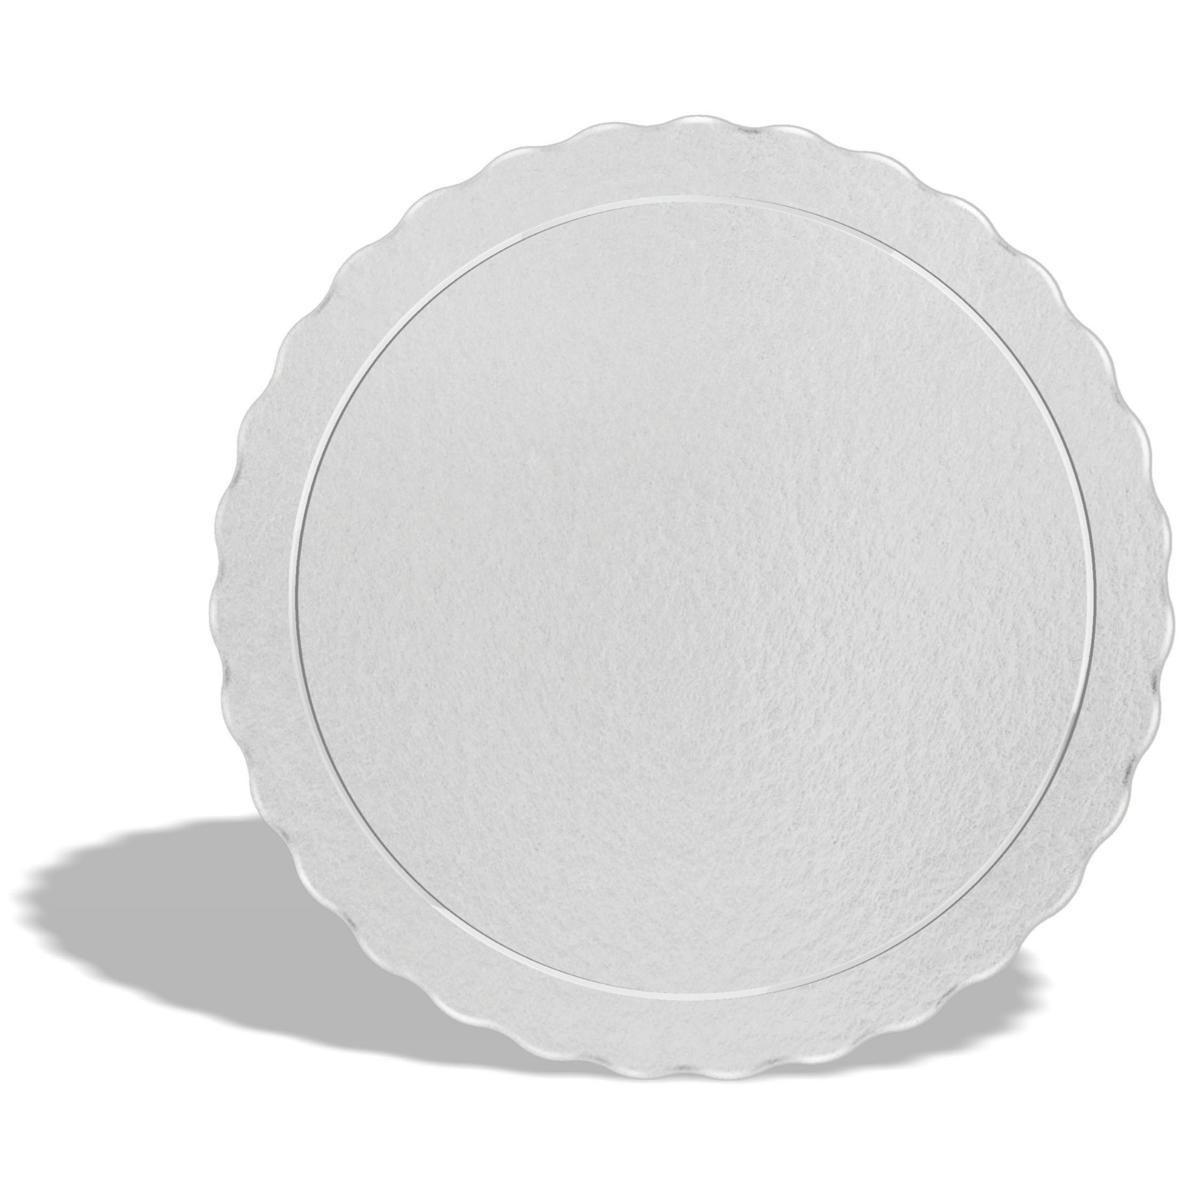 50 Bases Laminadas Para Bolo Redondo, Cake Board 38cm - Branco